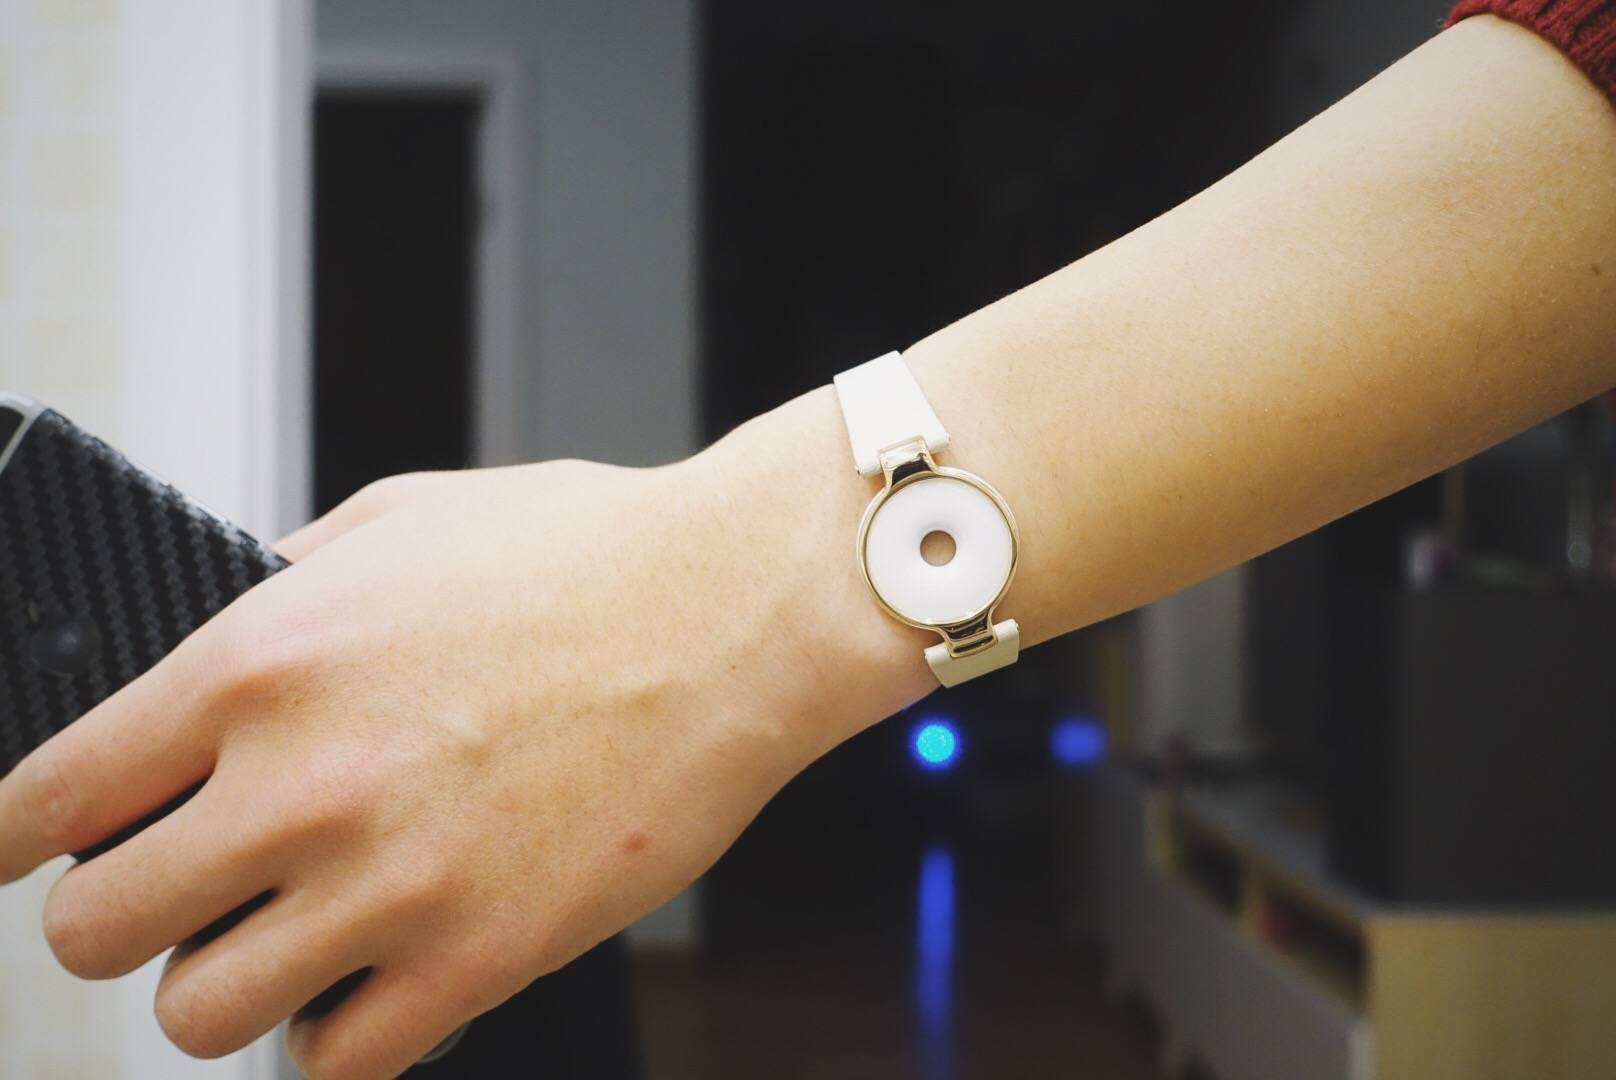 我试用了Amazfit:一块带有智能手环功能的玉佩